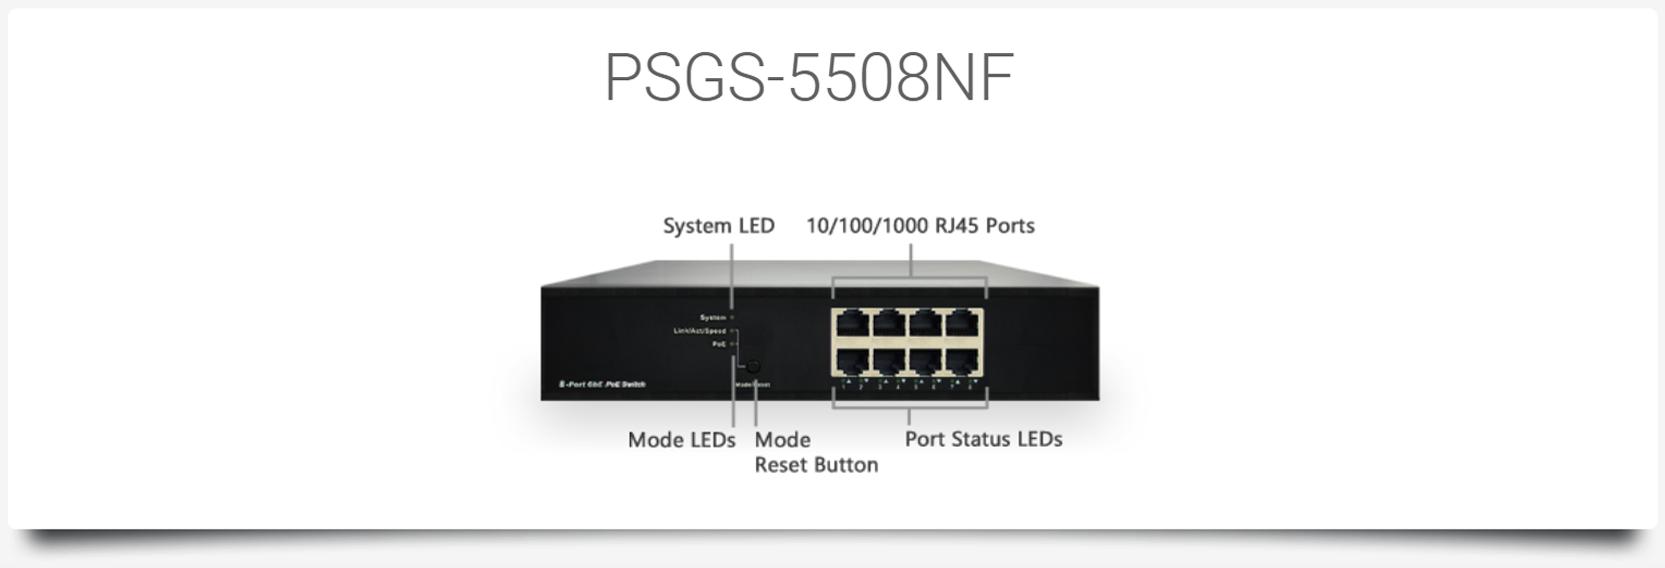 PSGS-5508NF